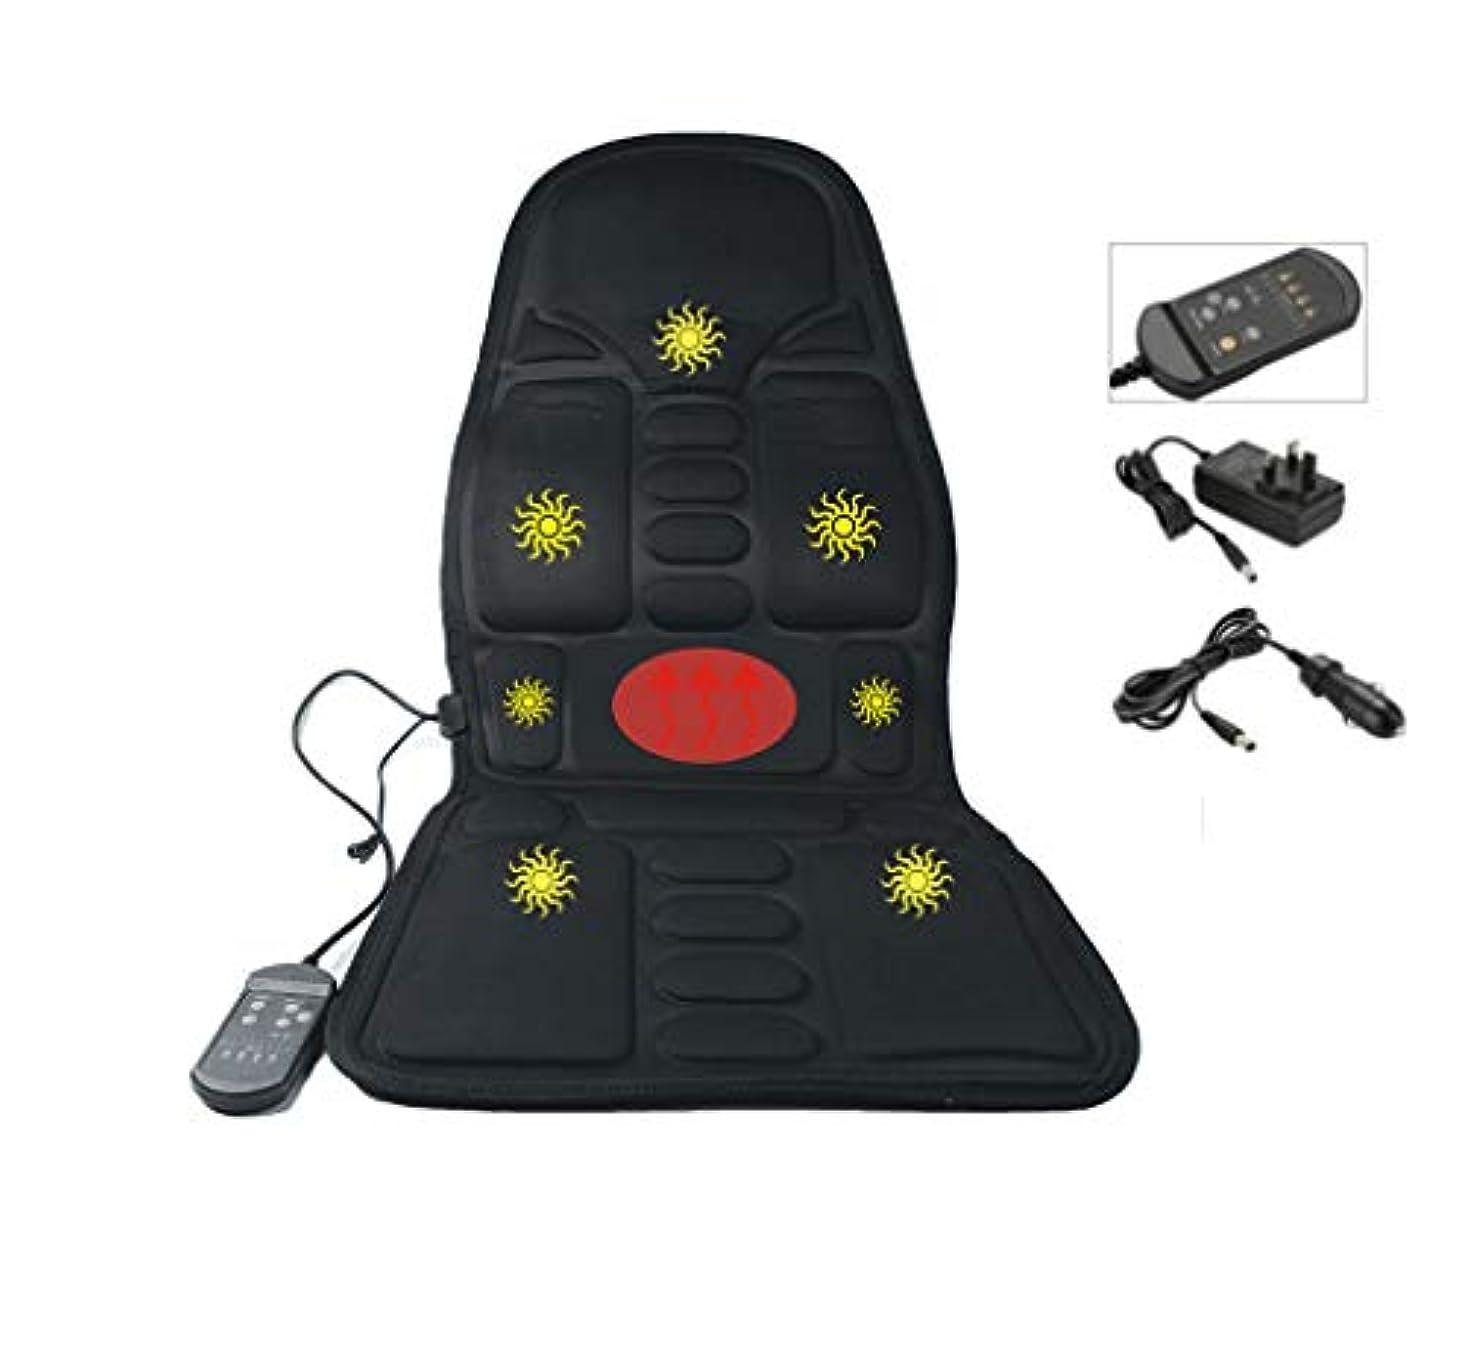 与える弱点参照指圧マッサージシートクッション、3D指圧ディングニーディング、プレス、ローリングとバイブレーション - マッサージフルバック、アッパーバック、バックバック、座っているエリアまたはピンポイント正確なマッサージスポット加熱(黒)